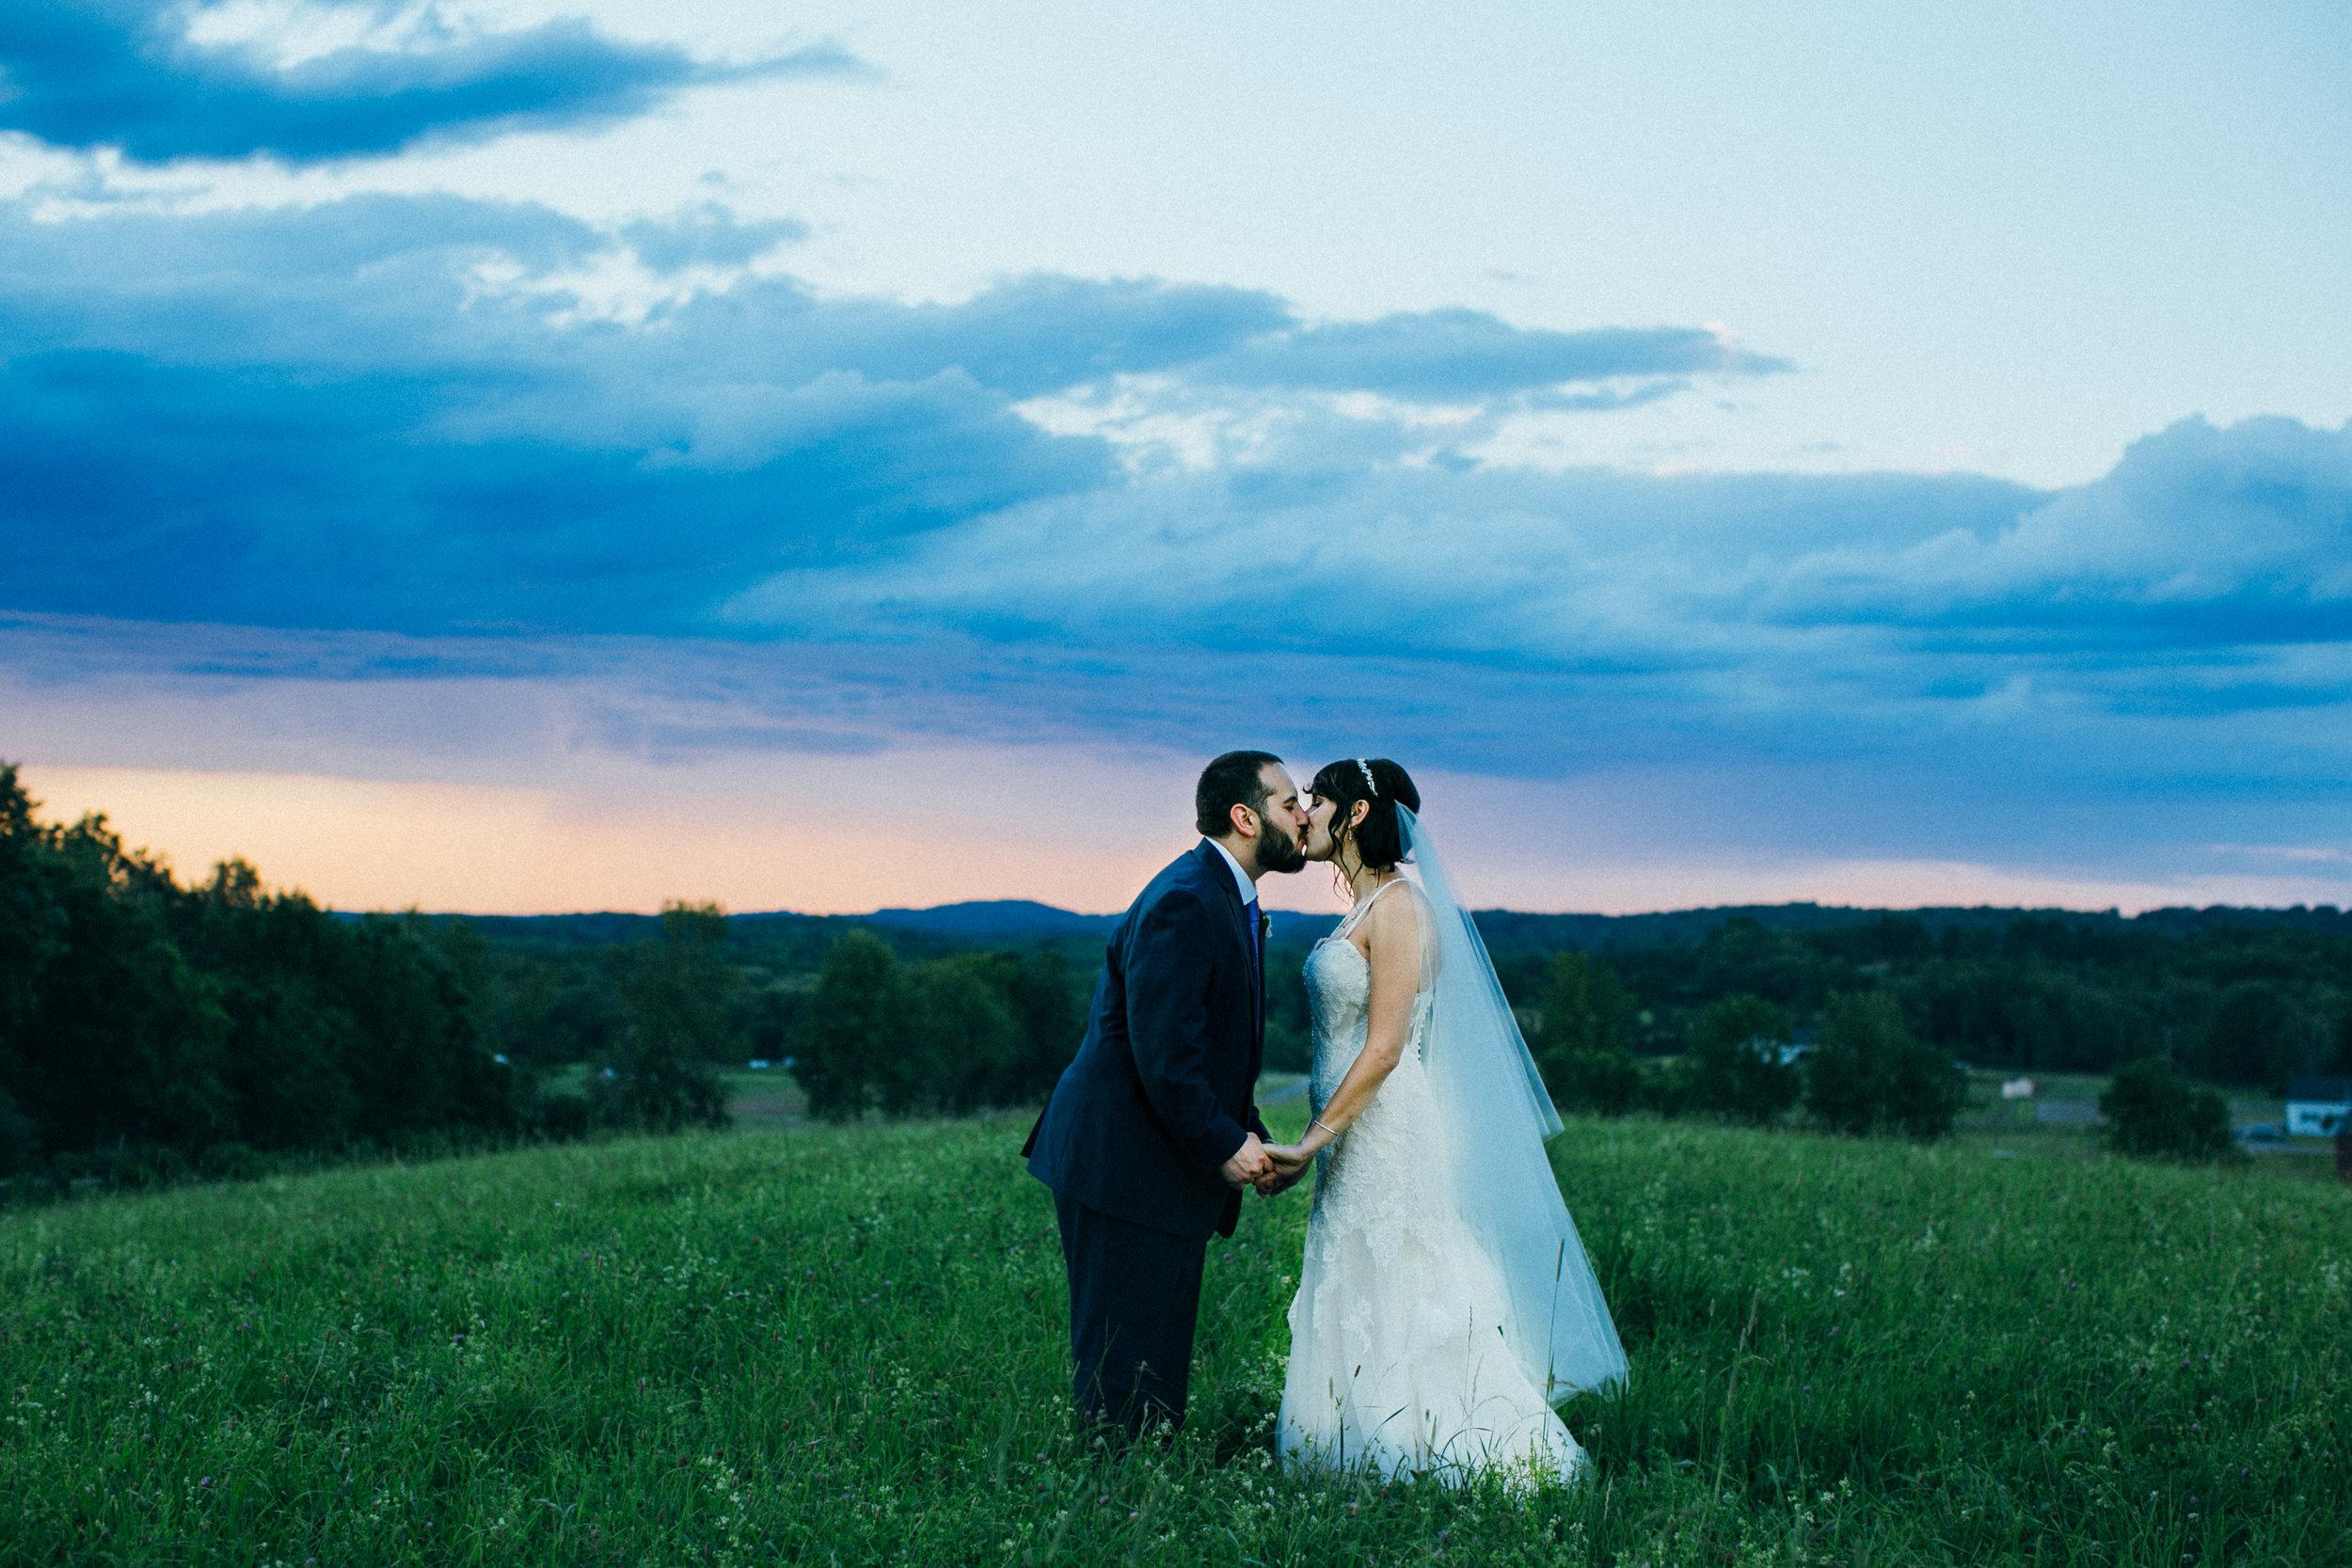 807_Jared_Kristen_wedding.jpg